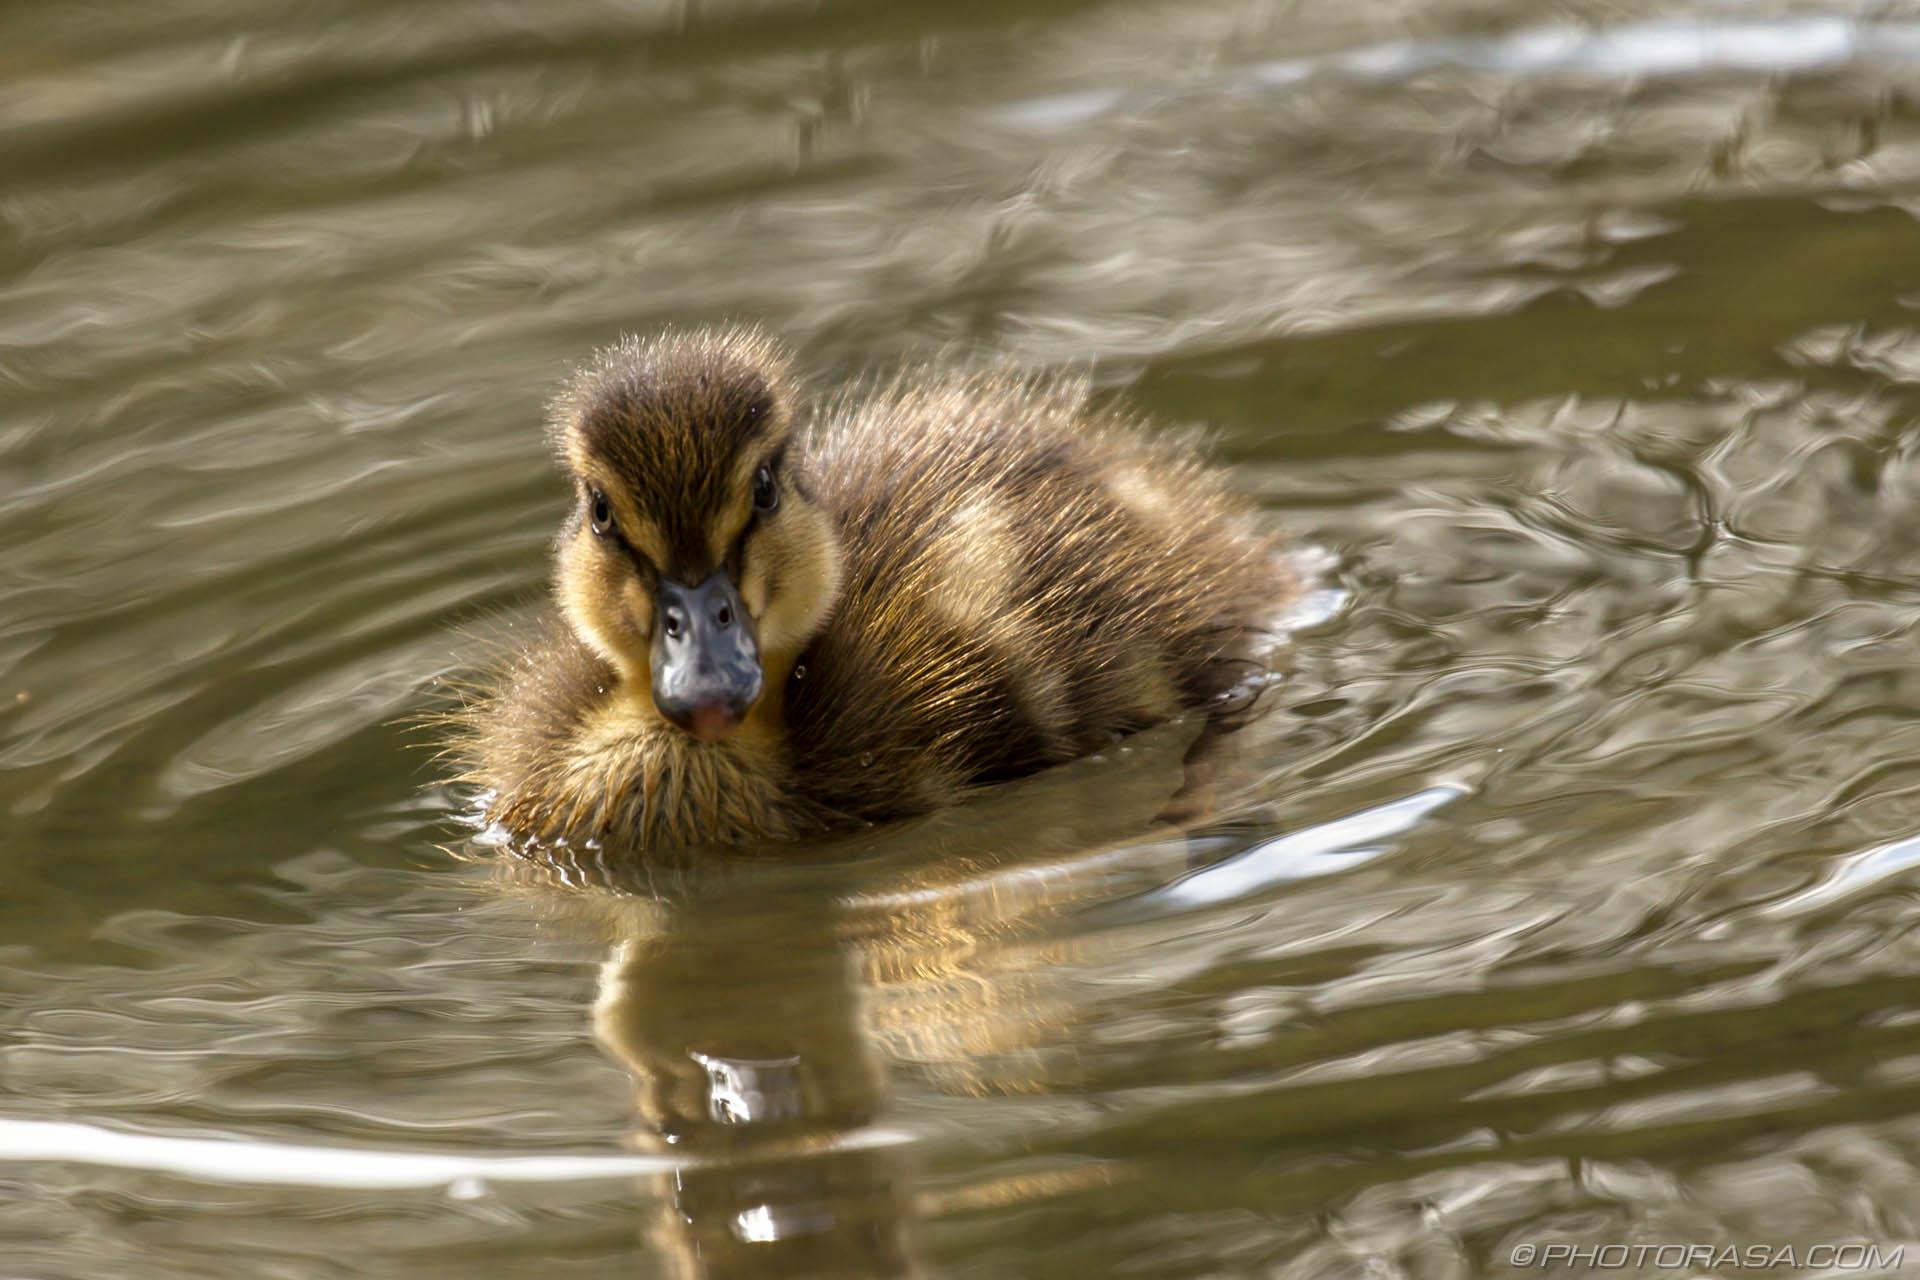 https://photorasa.com/mallard-ducks/little-duckling-looking-at-camera/